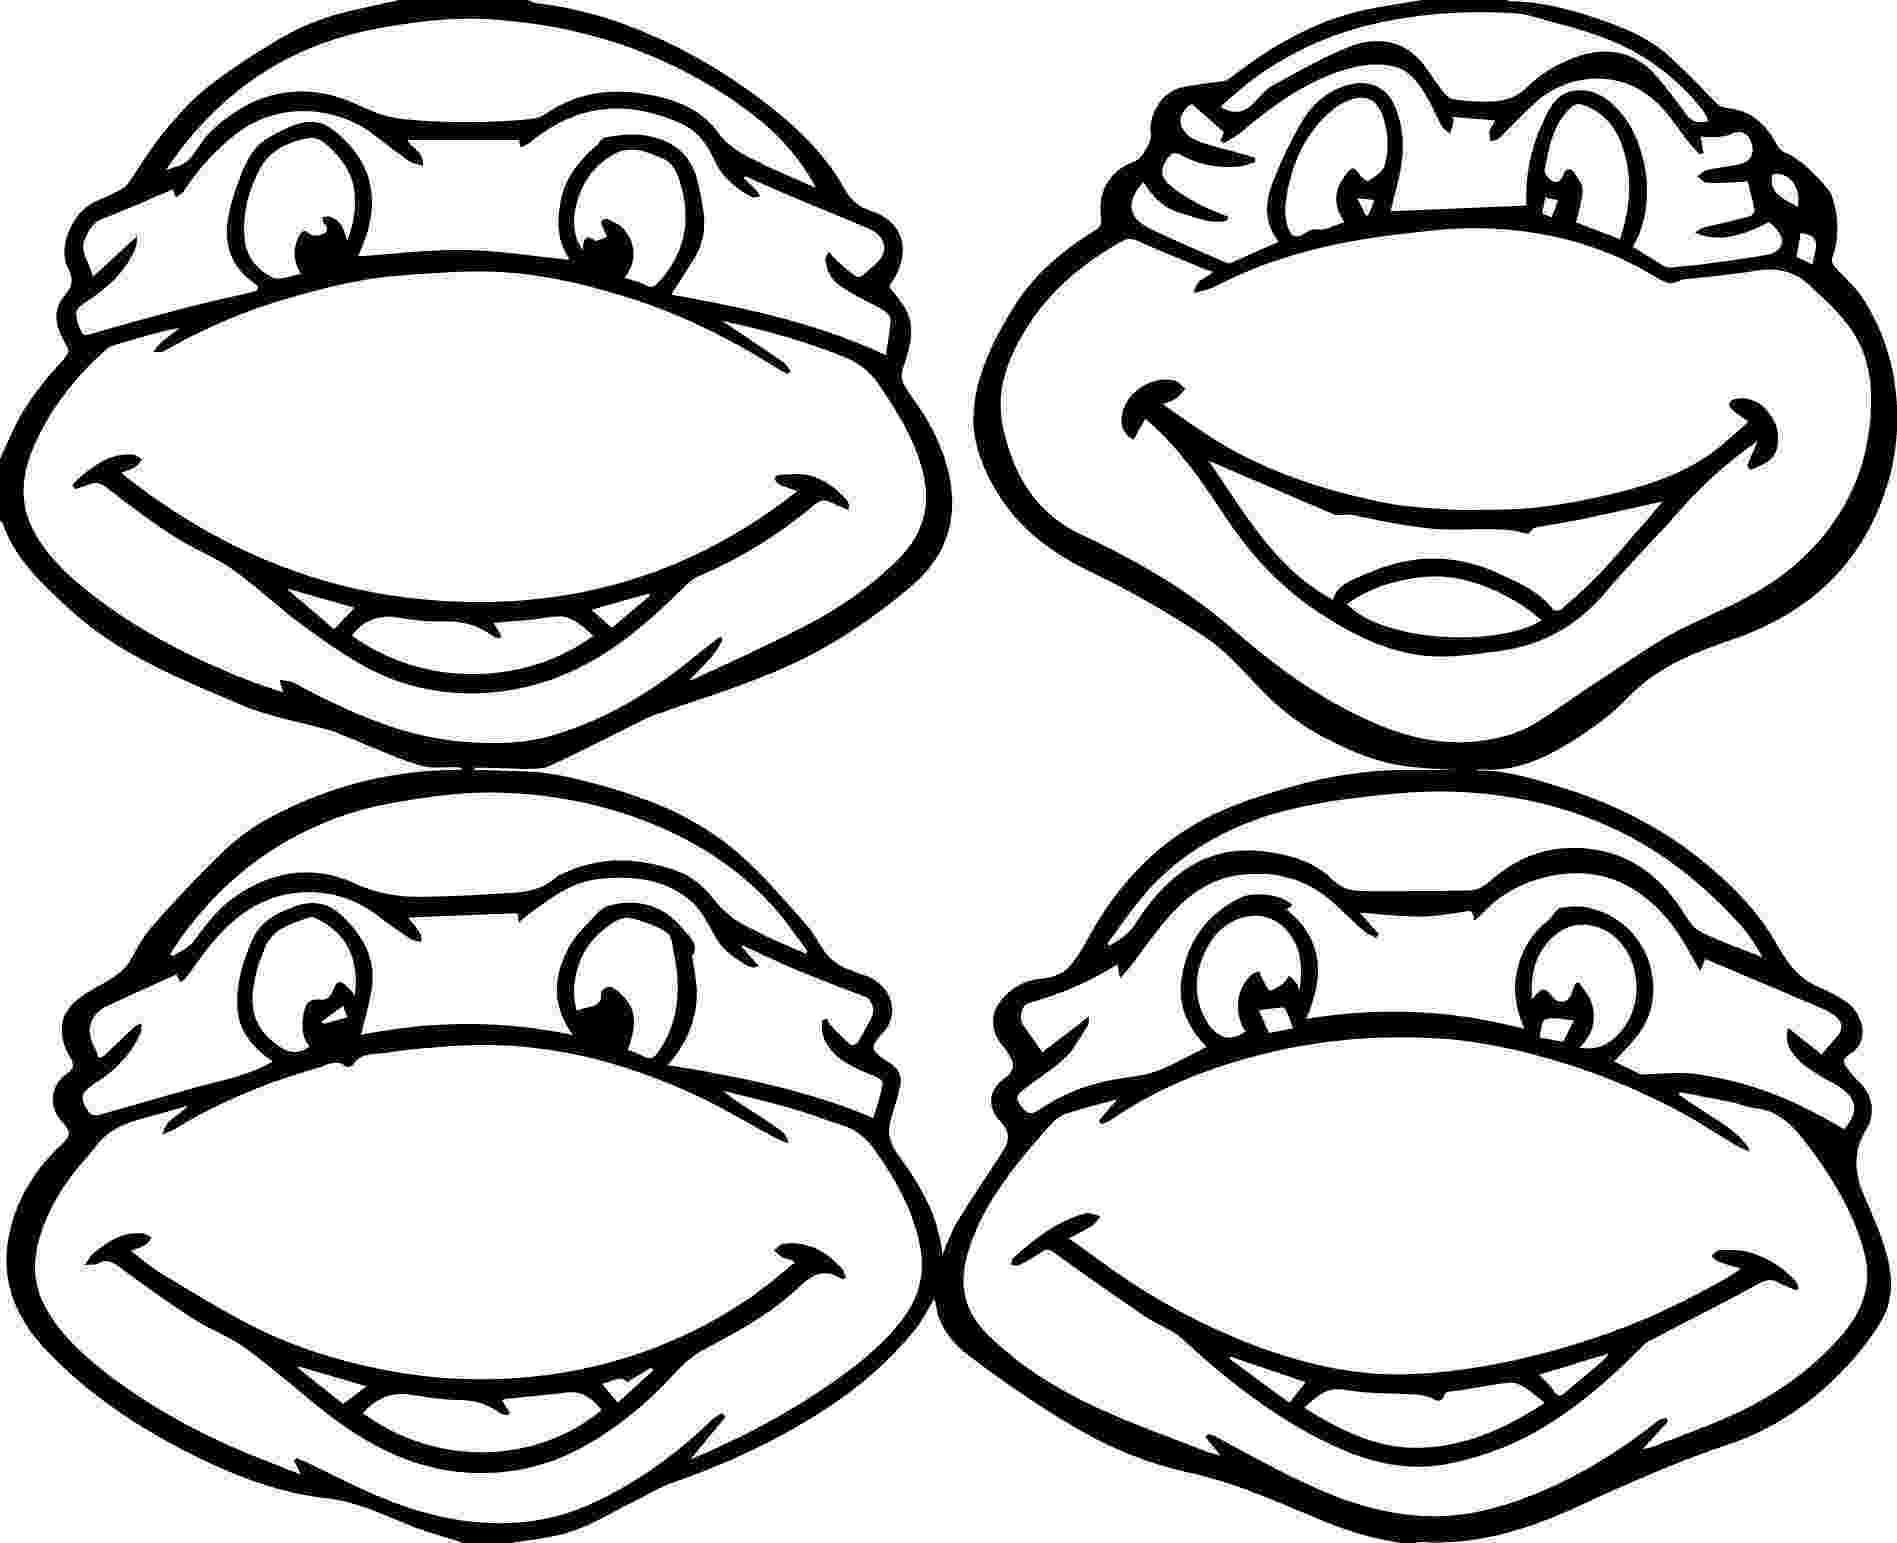 ninja turtles free printable coloring pages coloring pages printable ninja turtles coloring pages coloring free ninja printable pages turtles